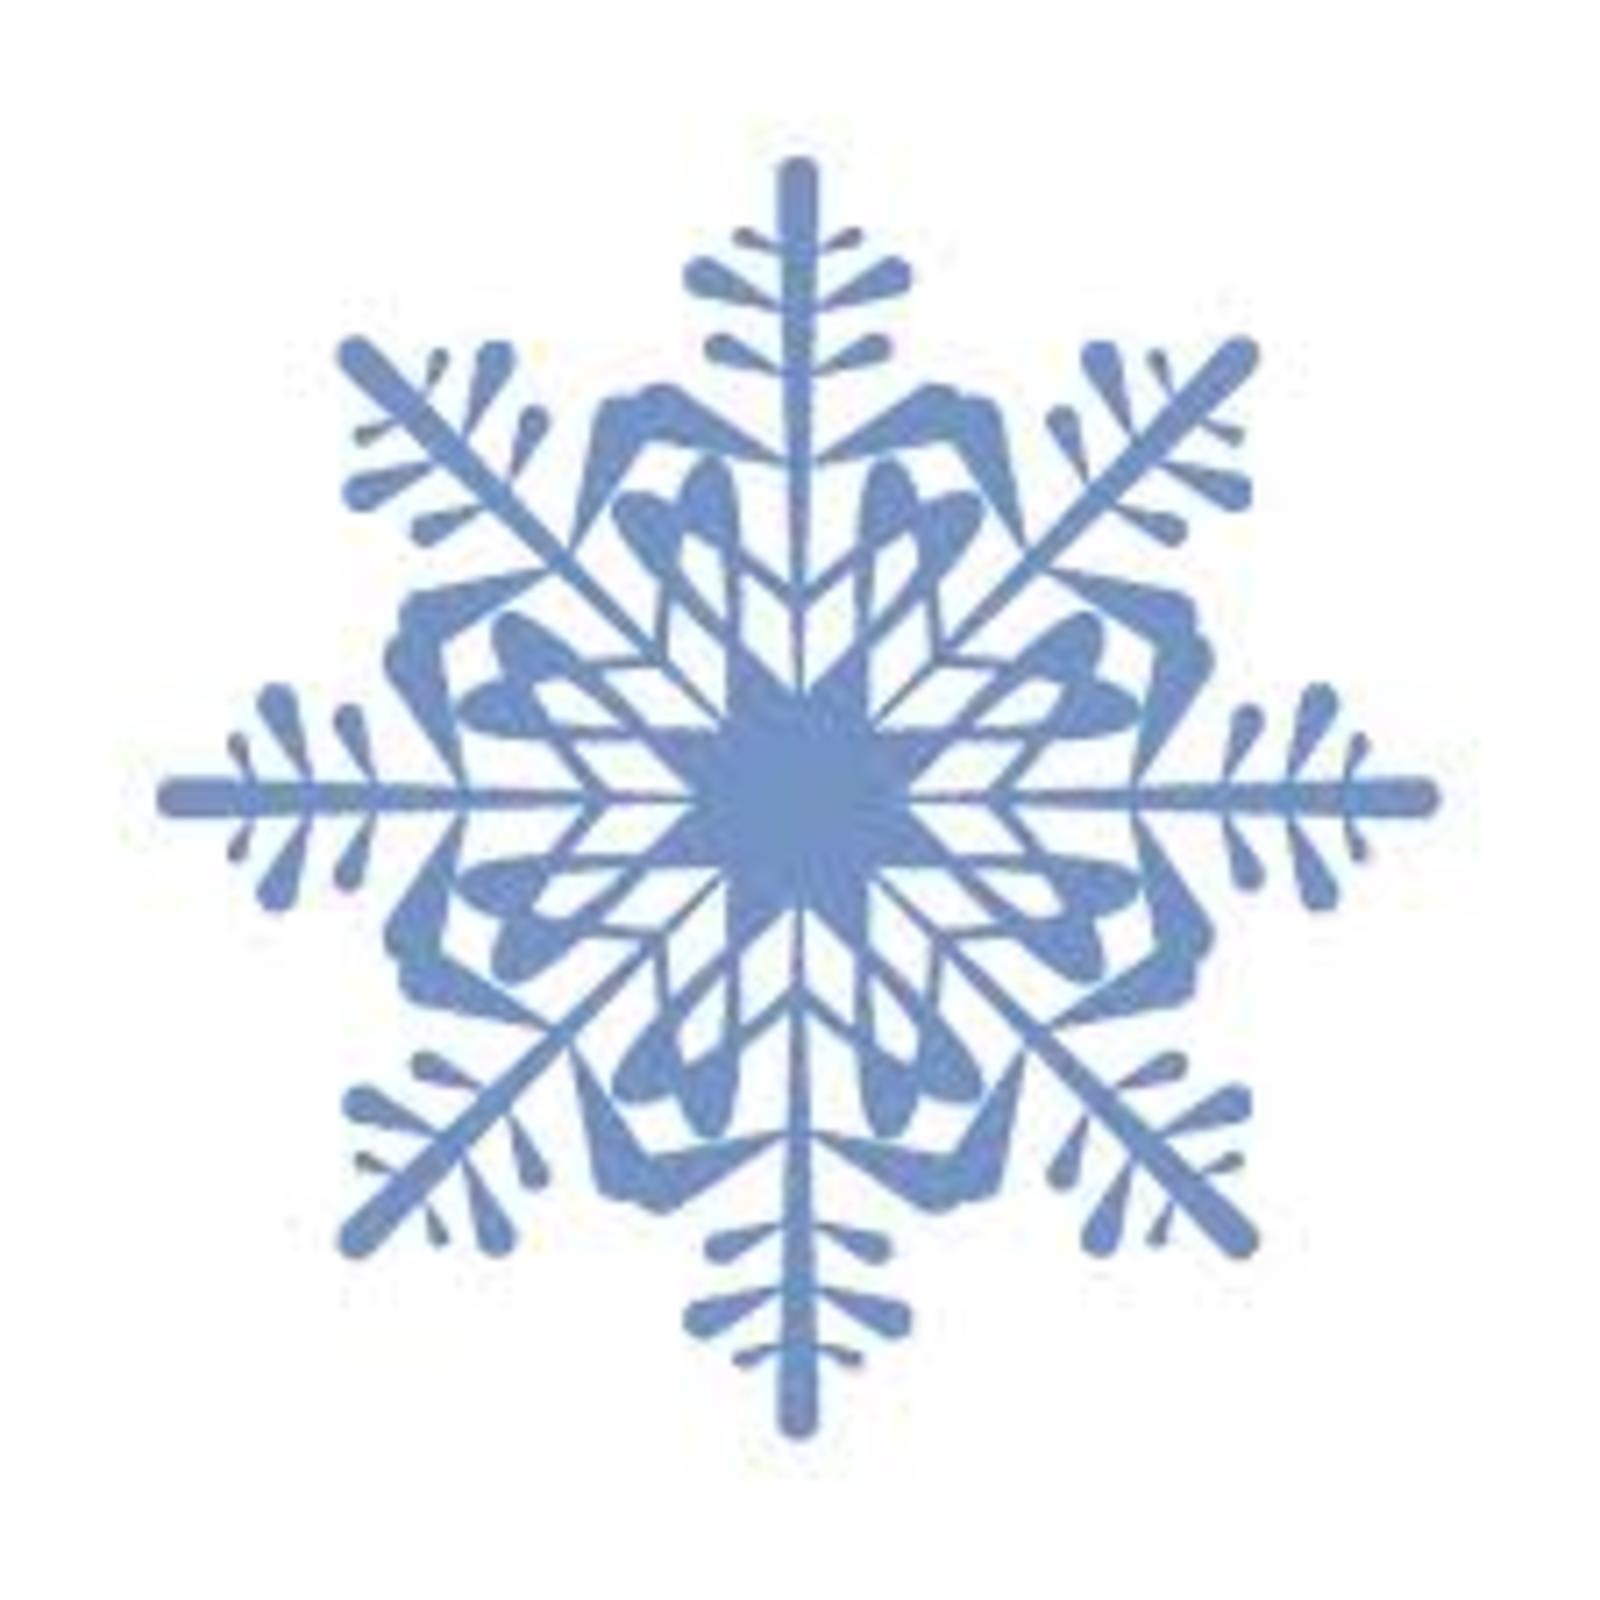 Snow qwe